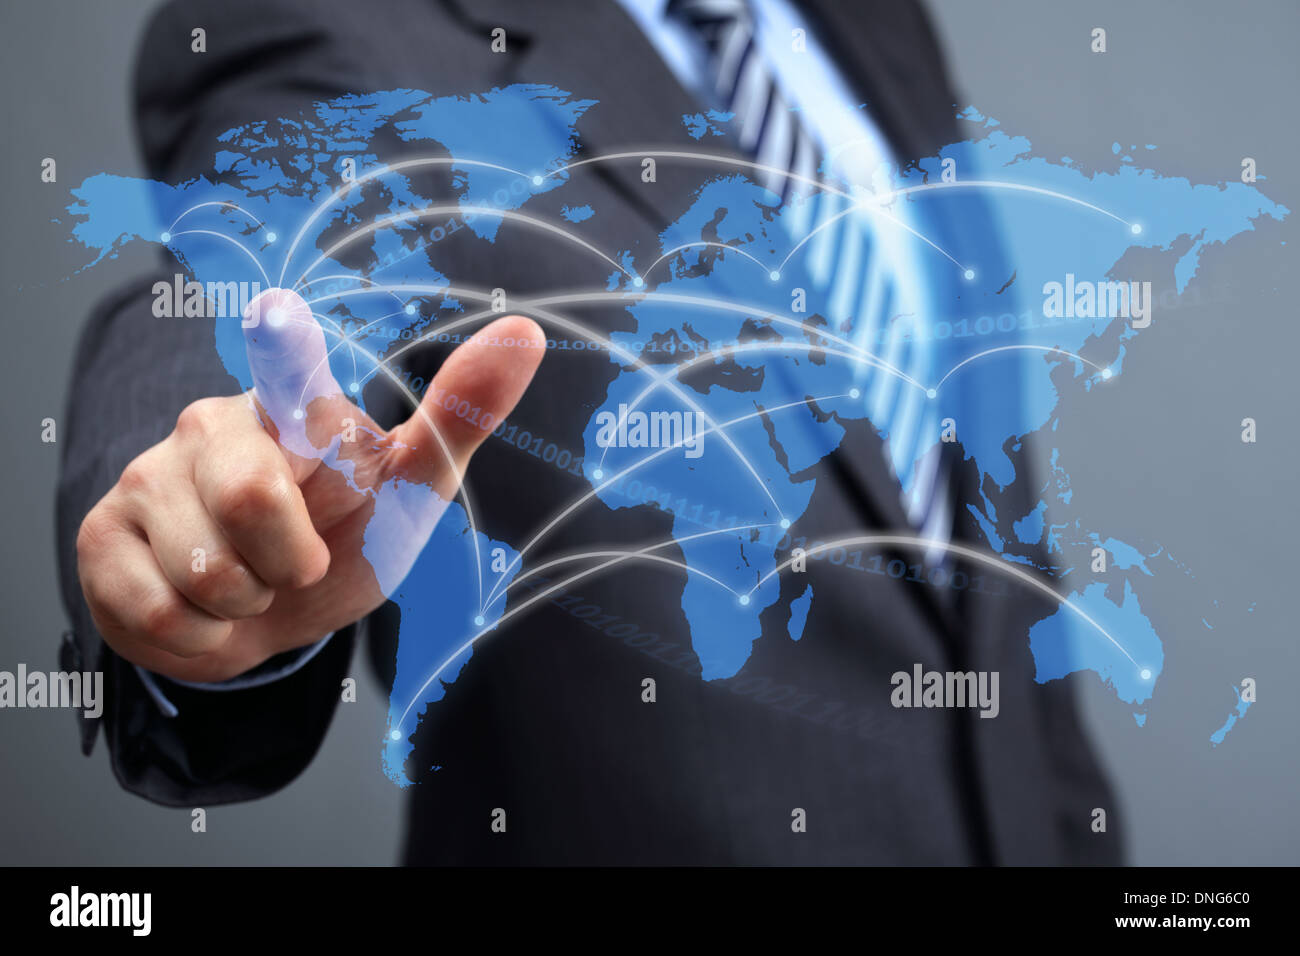 Globales Kommunikationsnetz Stockbild